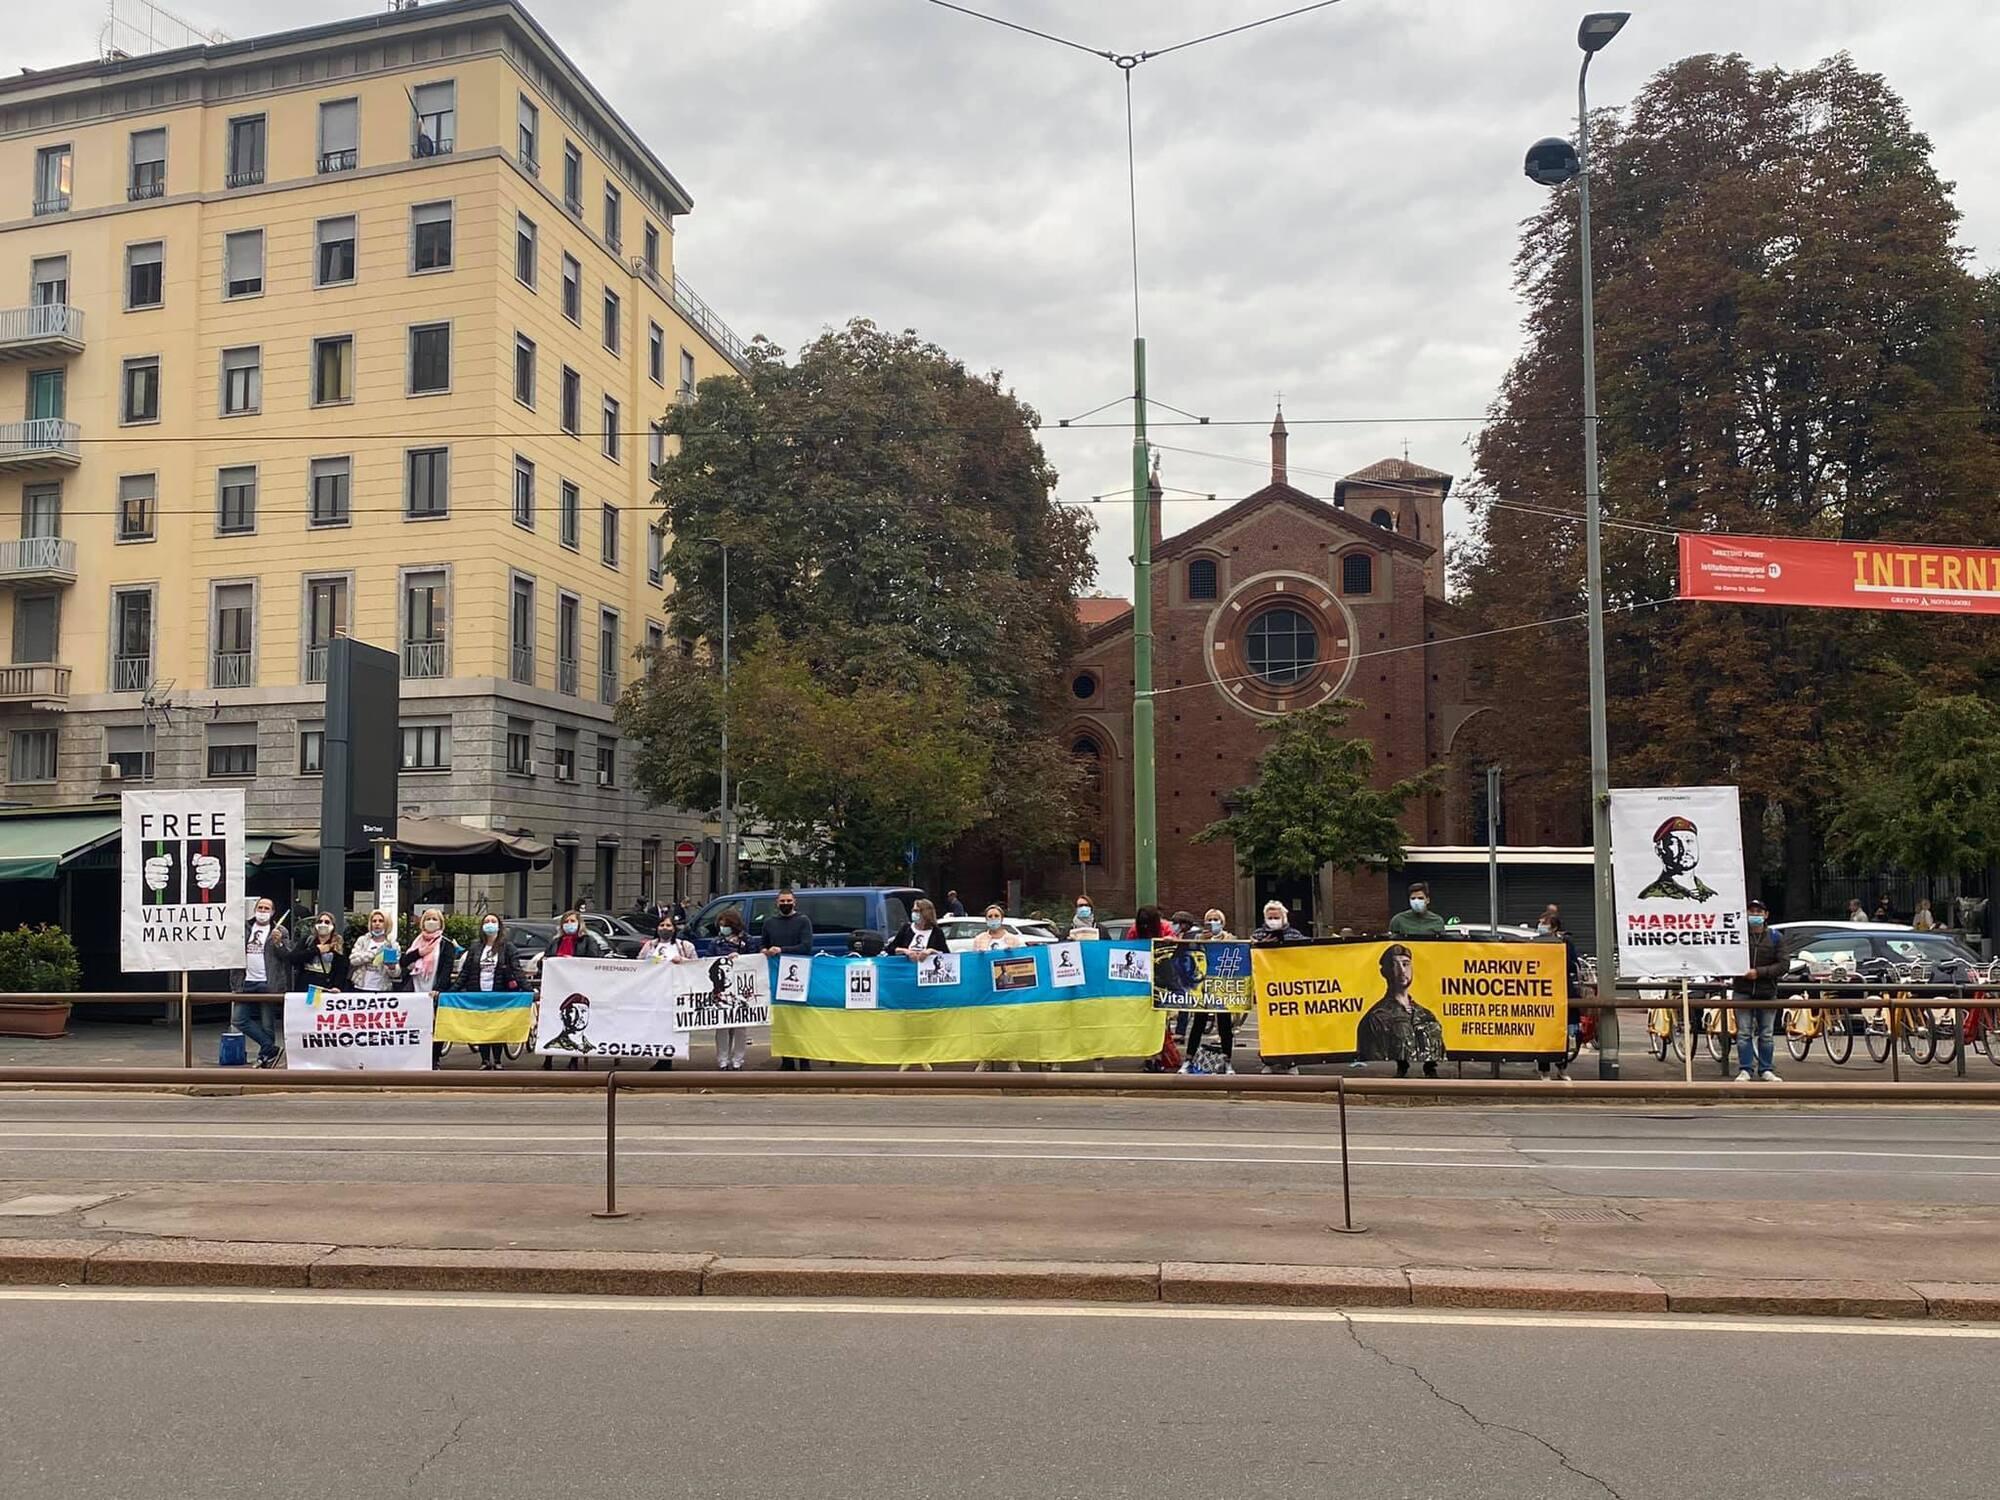 Представители украинской диаспоры пришли поддержать Маркива.